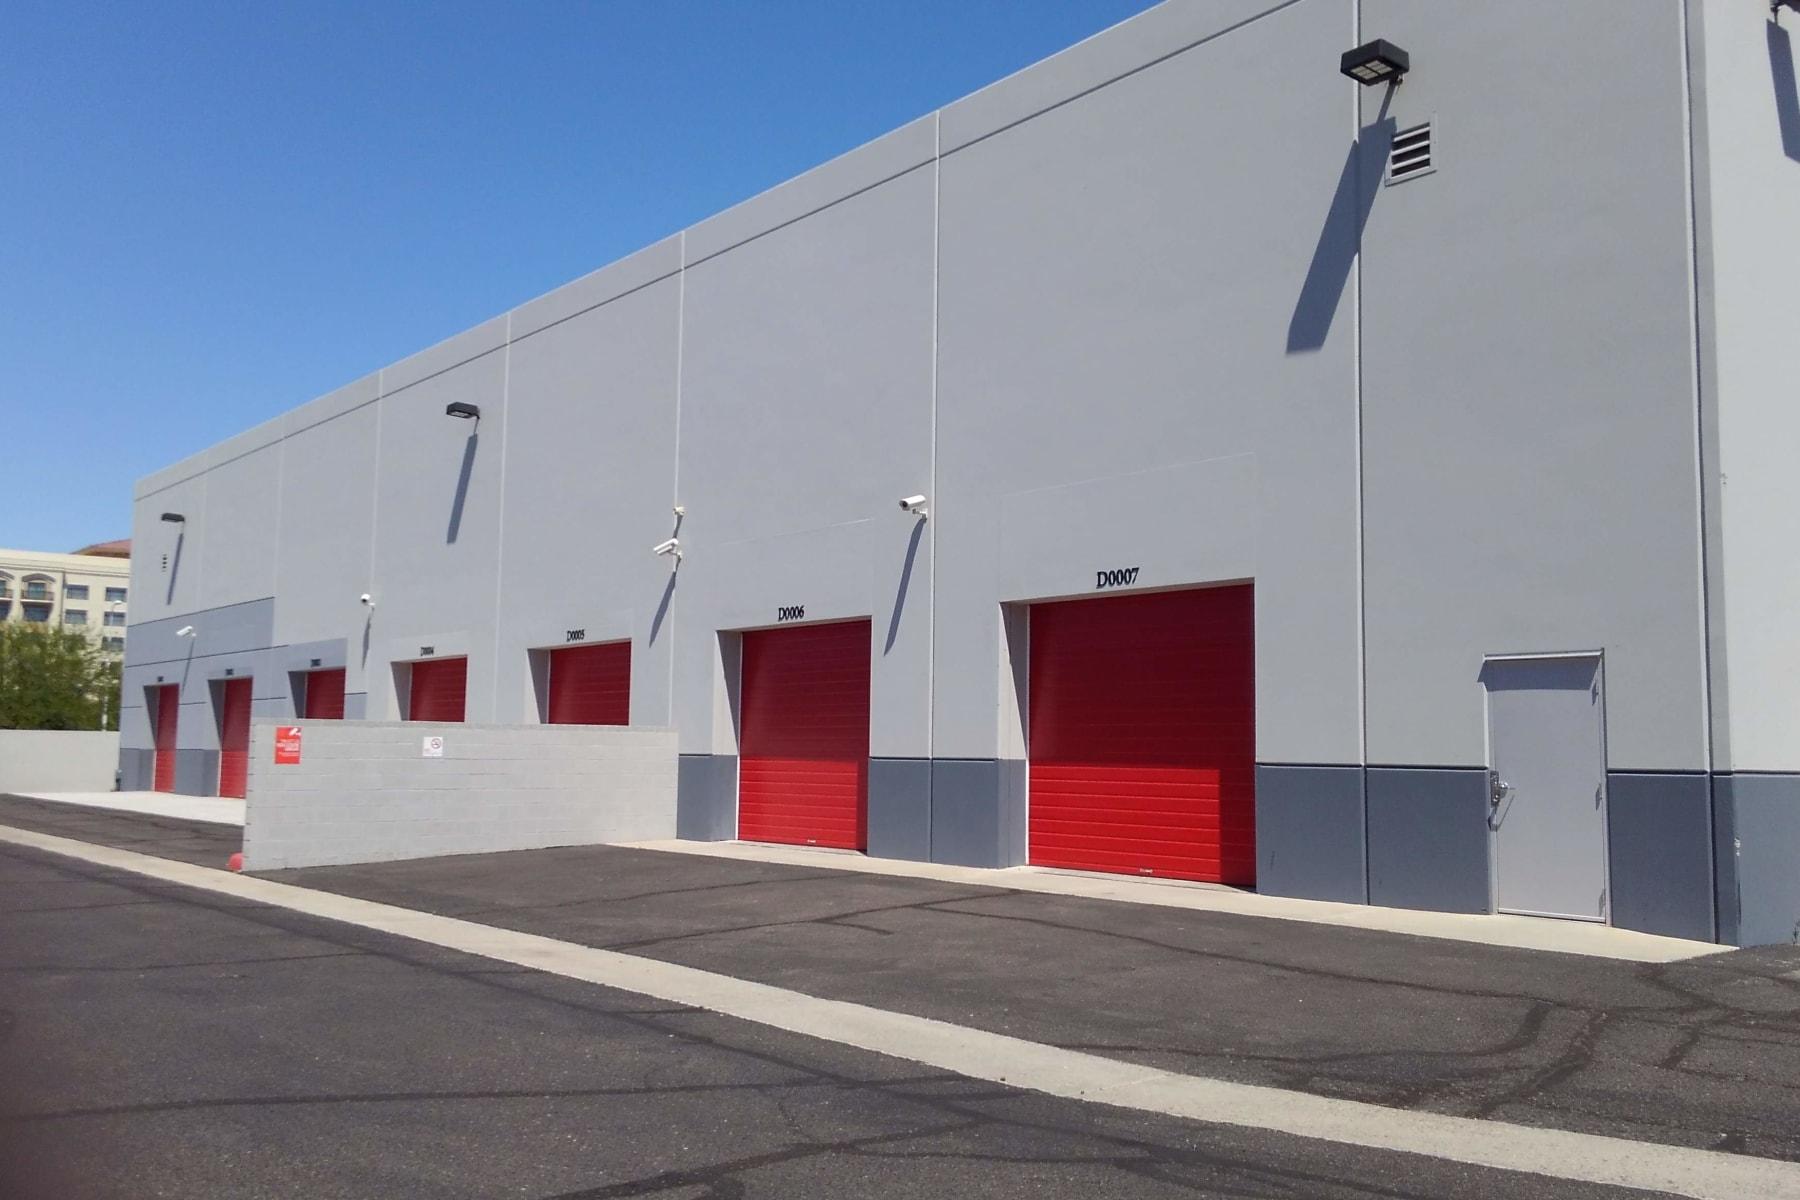 Exterior storage units at StorQuest Self Storage in Chandler, AZ